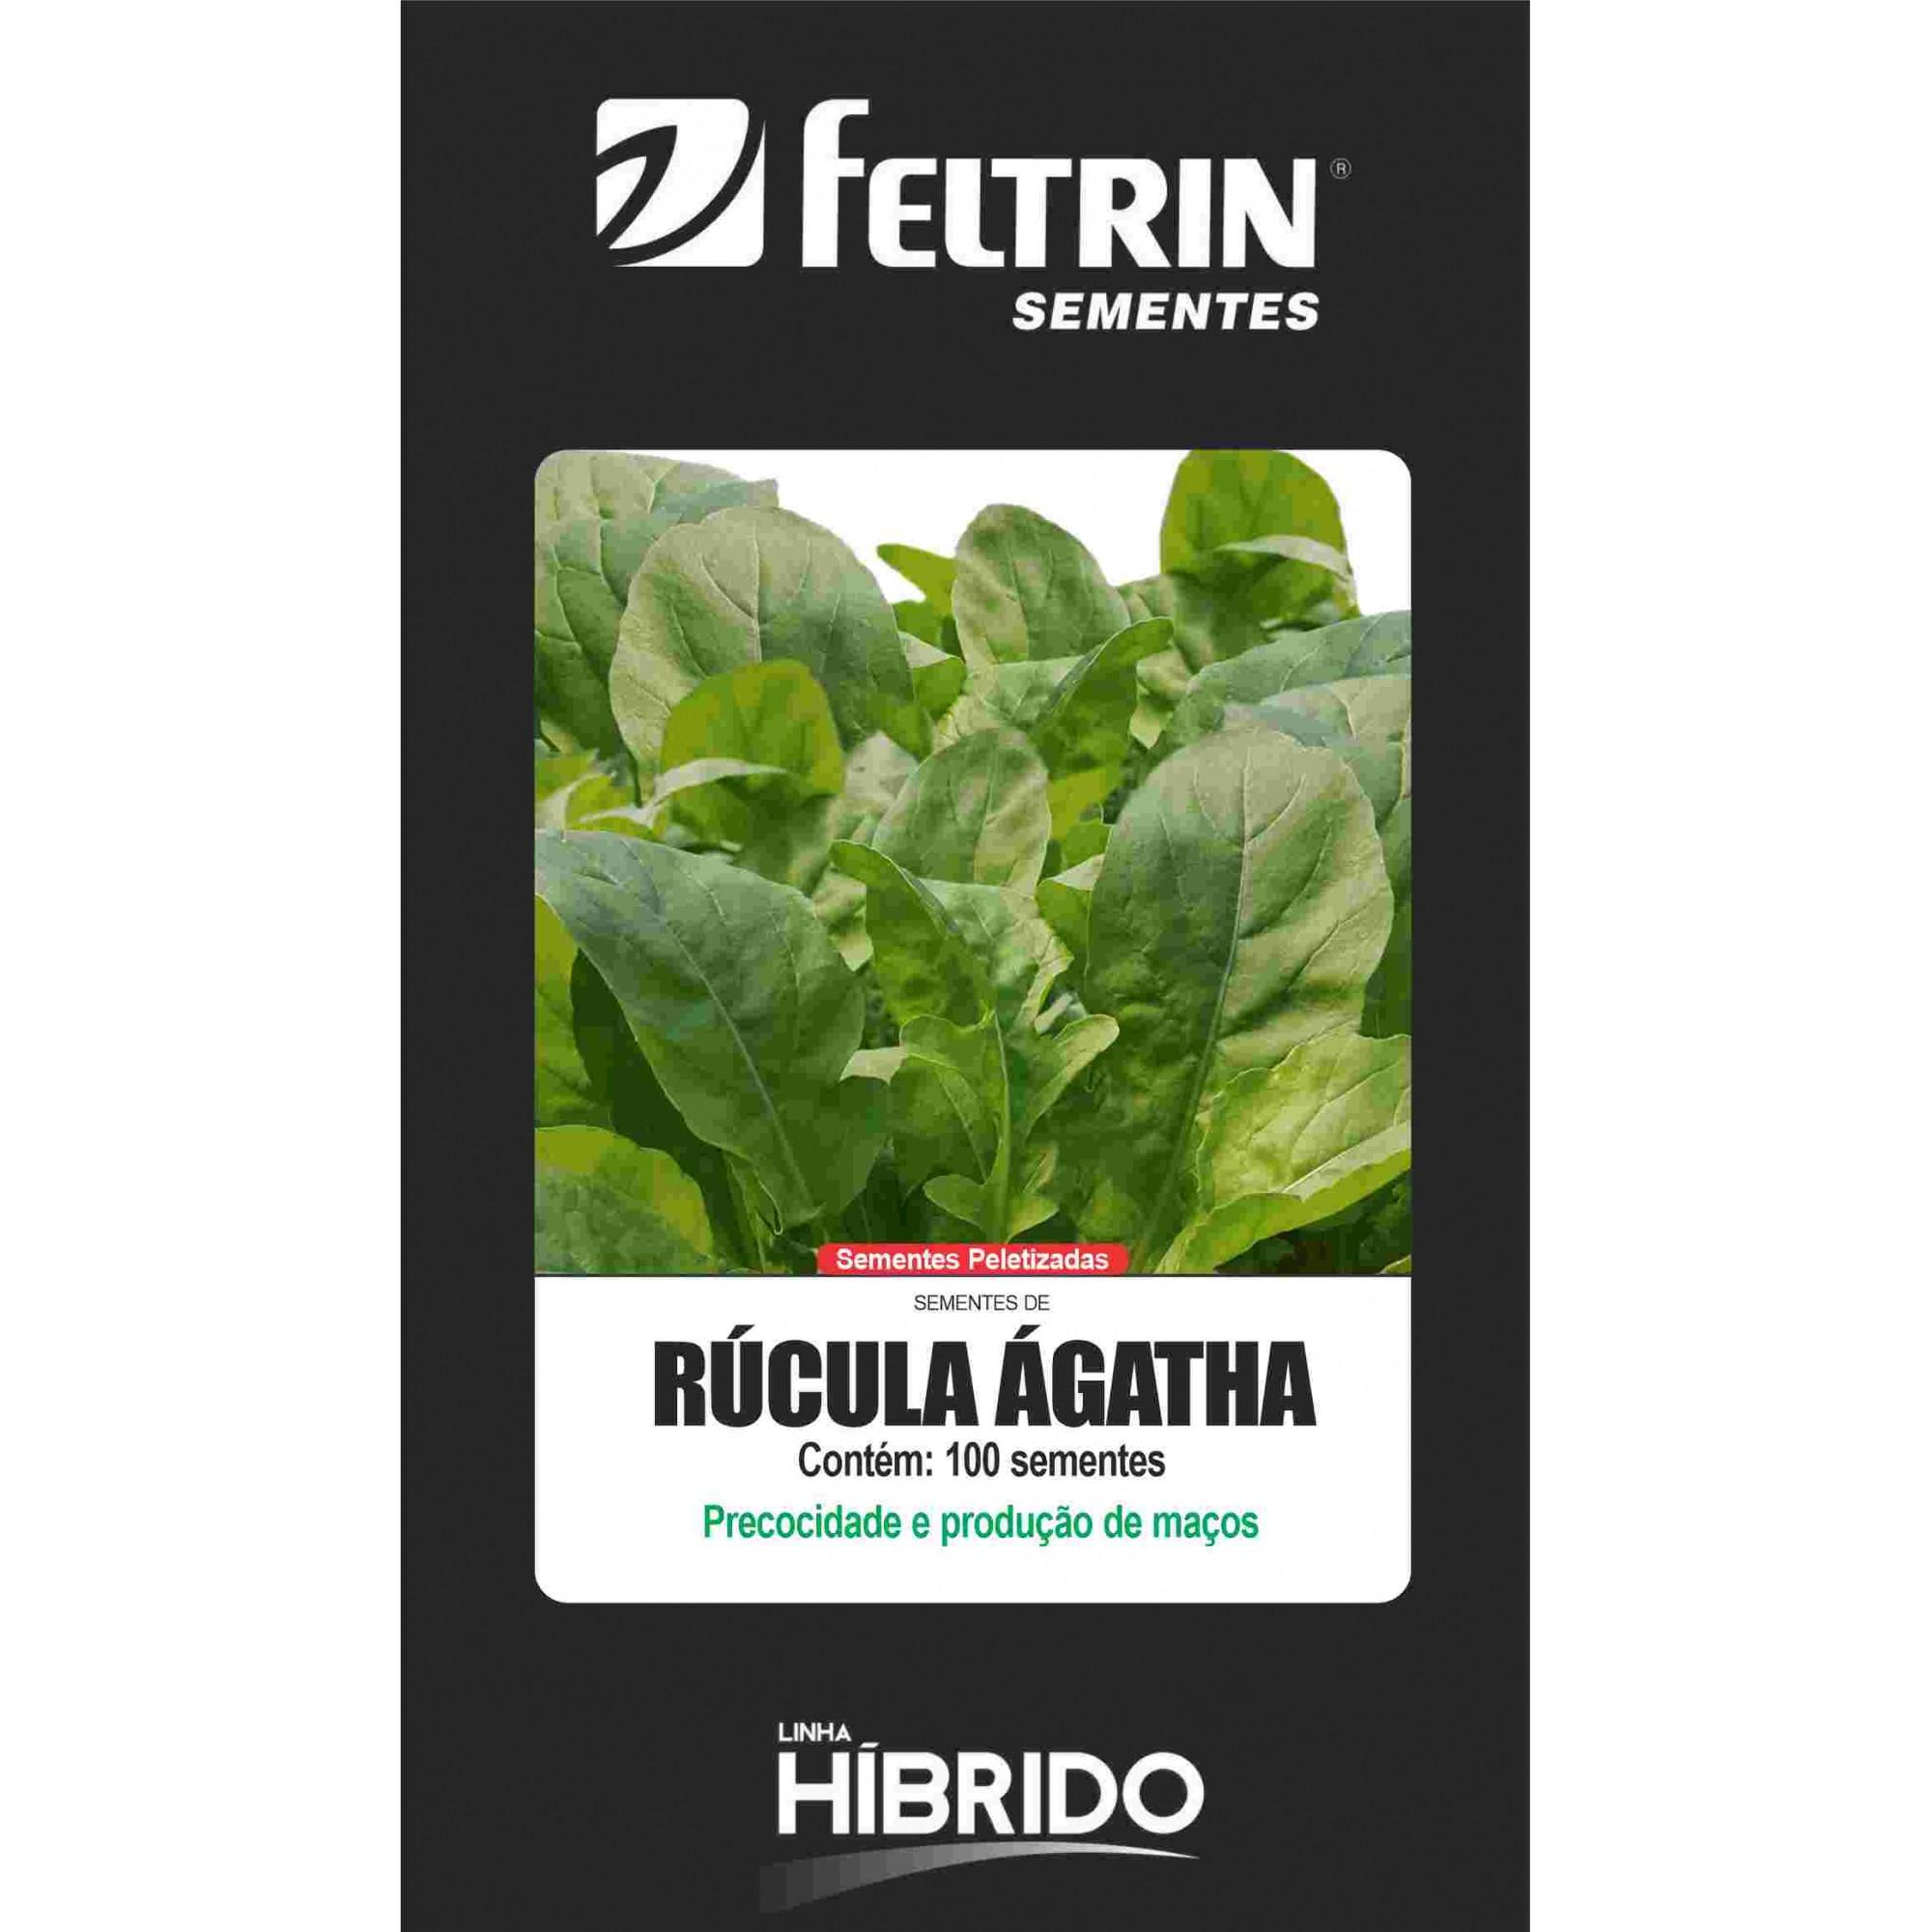 Rúcula Ágatha - contém 100 sementes Peletizada(s)